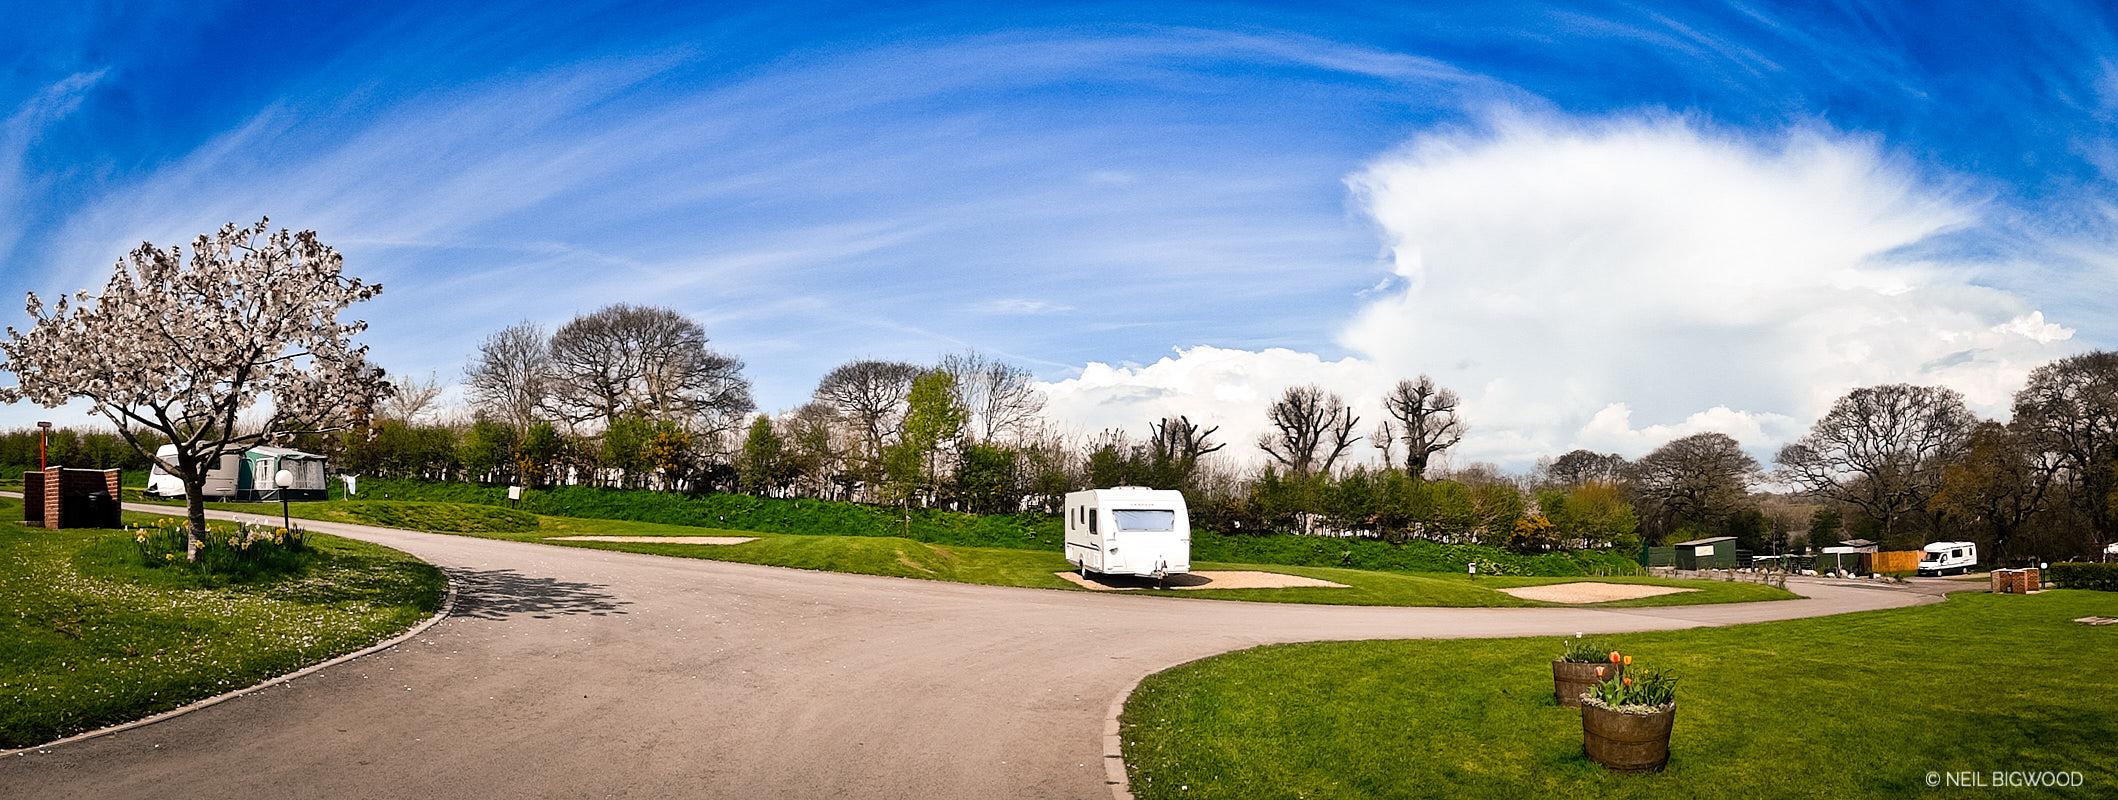 Neil-Bigwood-Monkton-Wyld-Touring-25